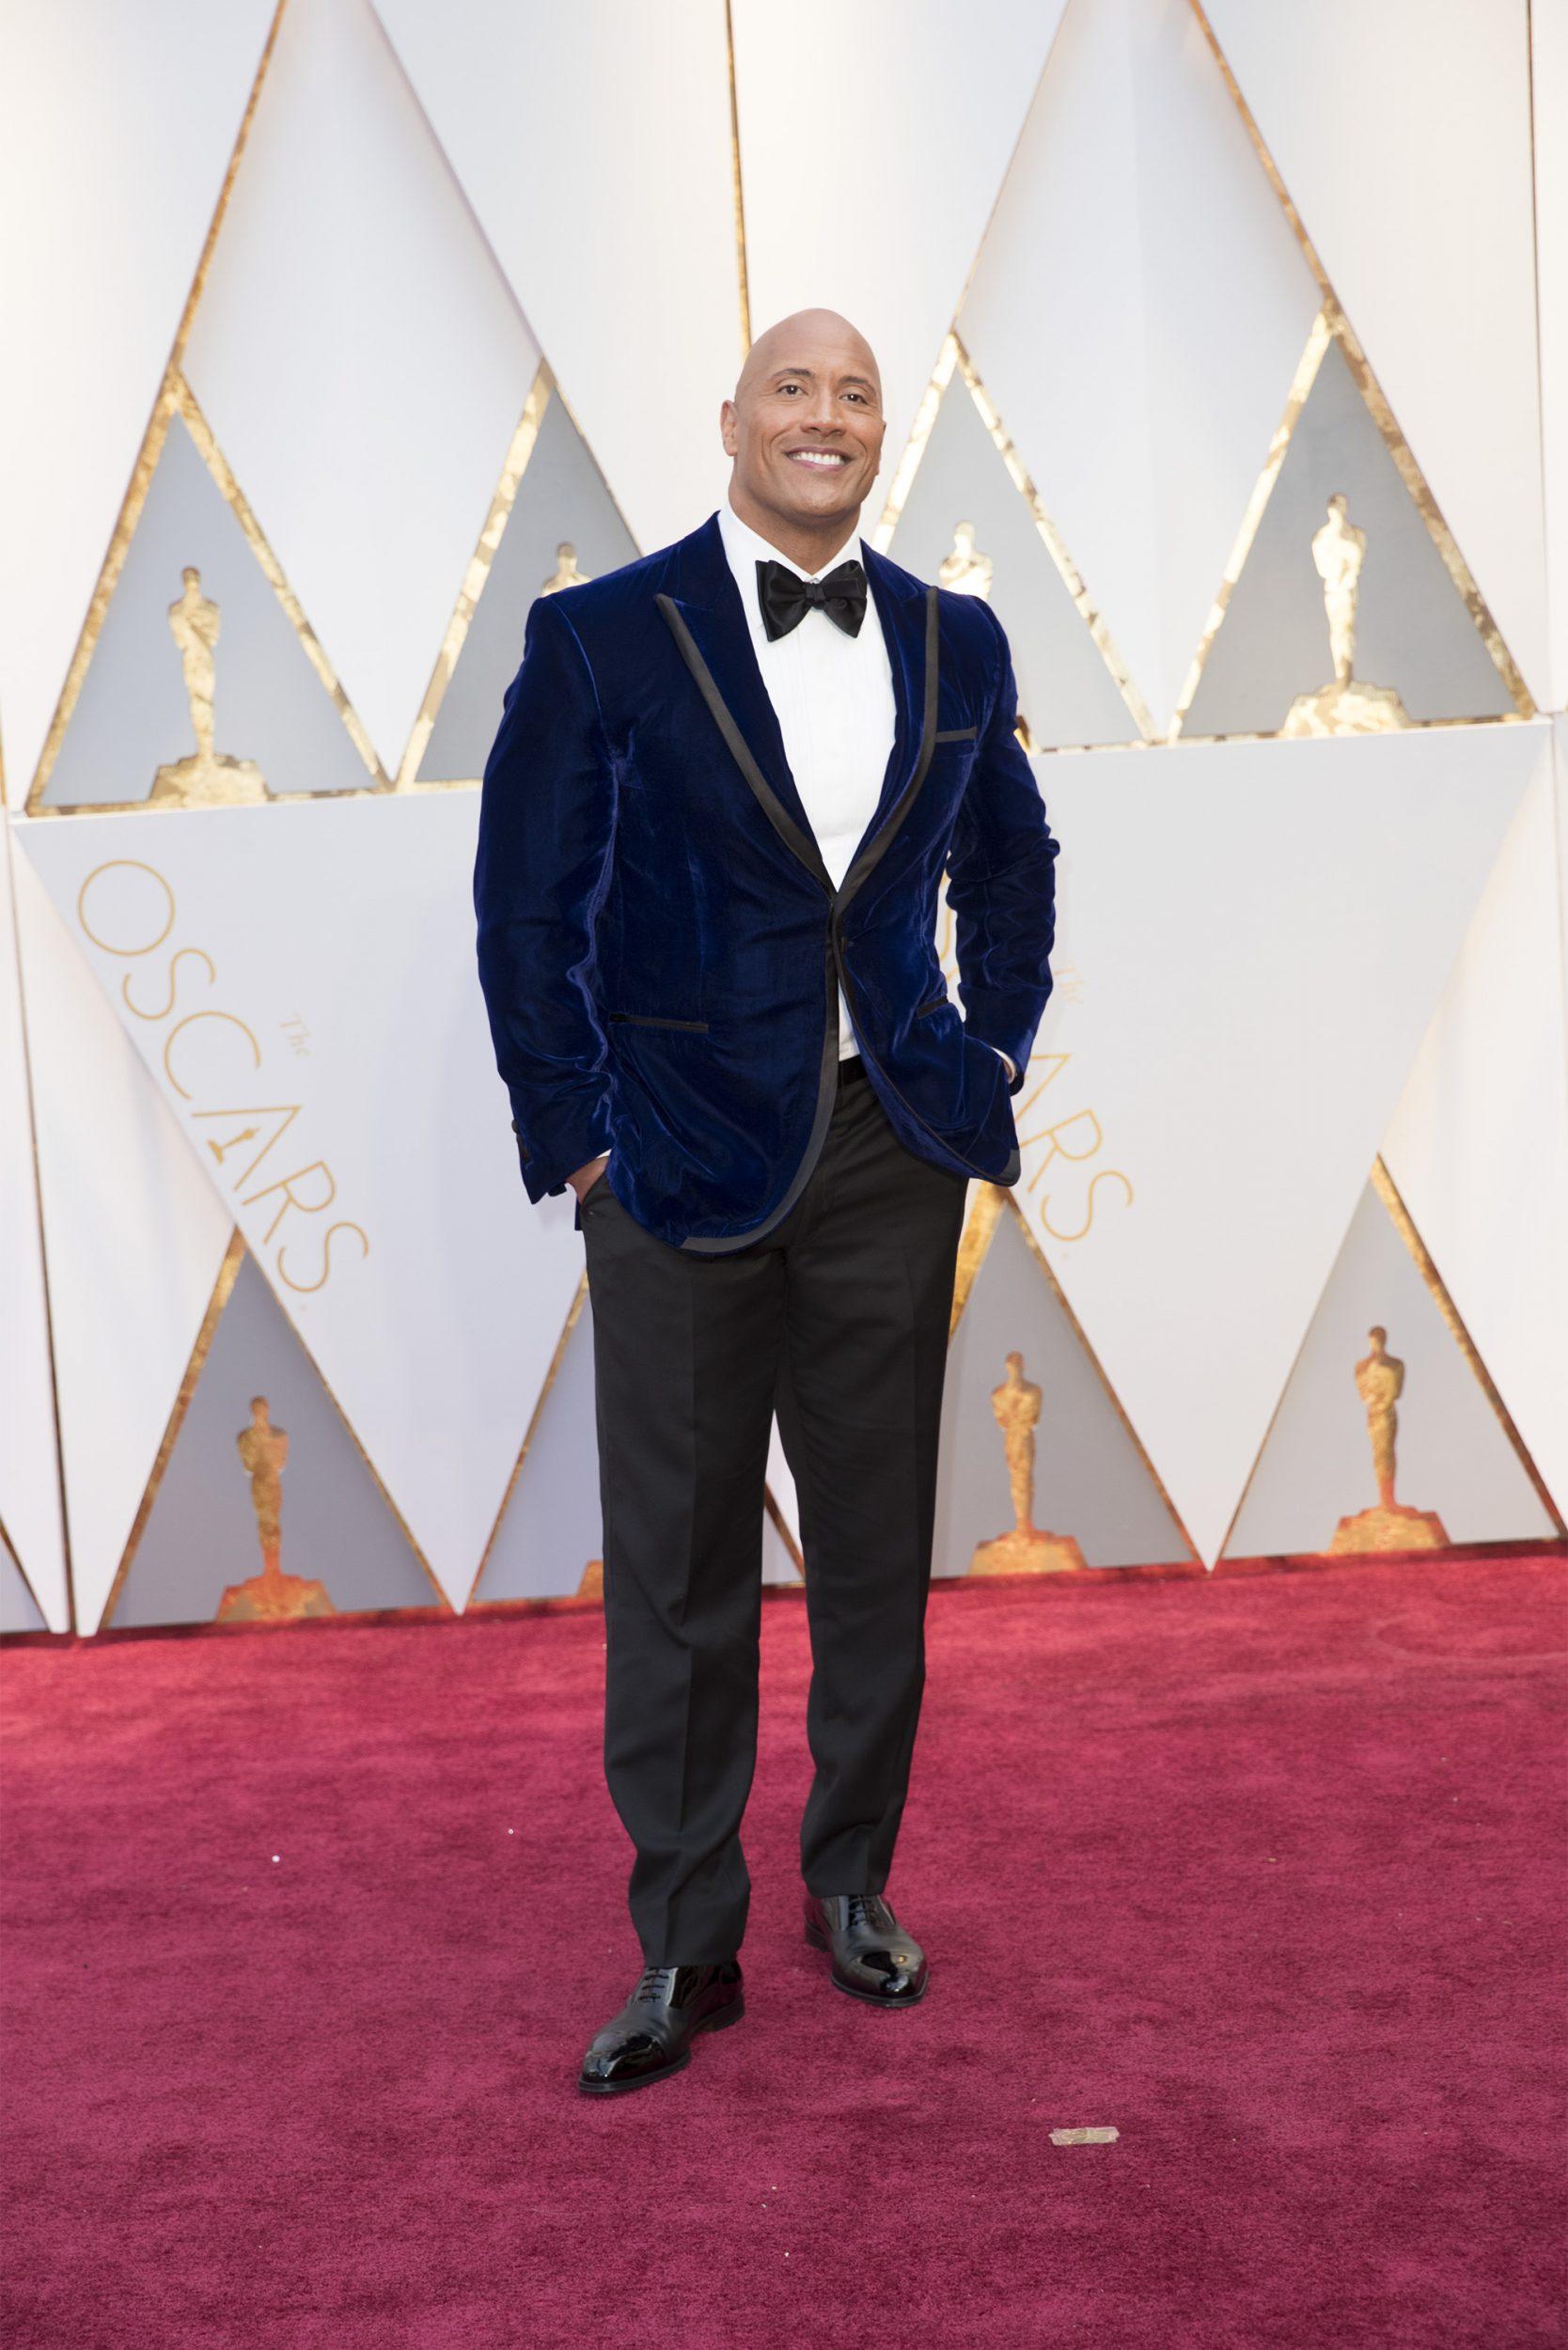 THE OSCARS(r) - The 89th Oscars(r)  broadcasts live on Oscar(r) SUNDAY, FEBRUARY 26, 2017, on the ABC Television Network. (ABC/Tyler Golden) DWAYNE JOHNSON